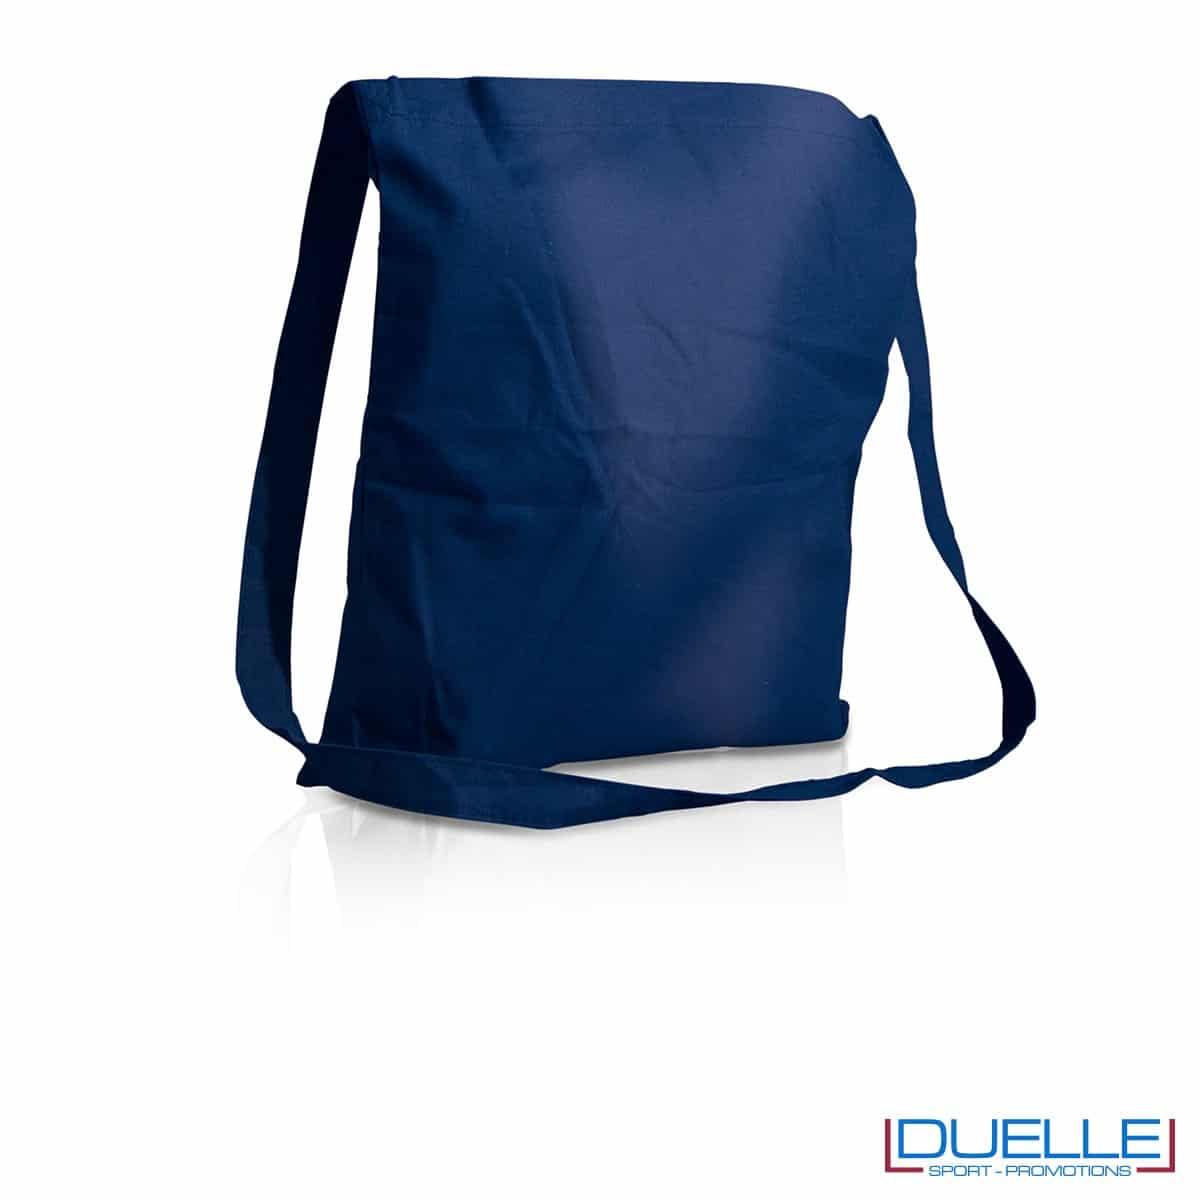 Tracolla personalizzata in puro cotone colore blu navy